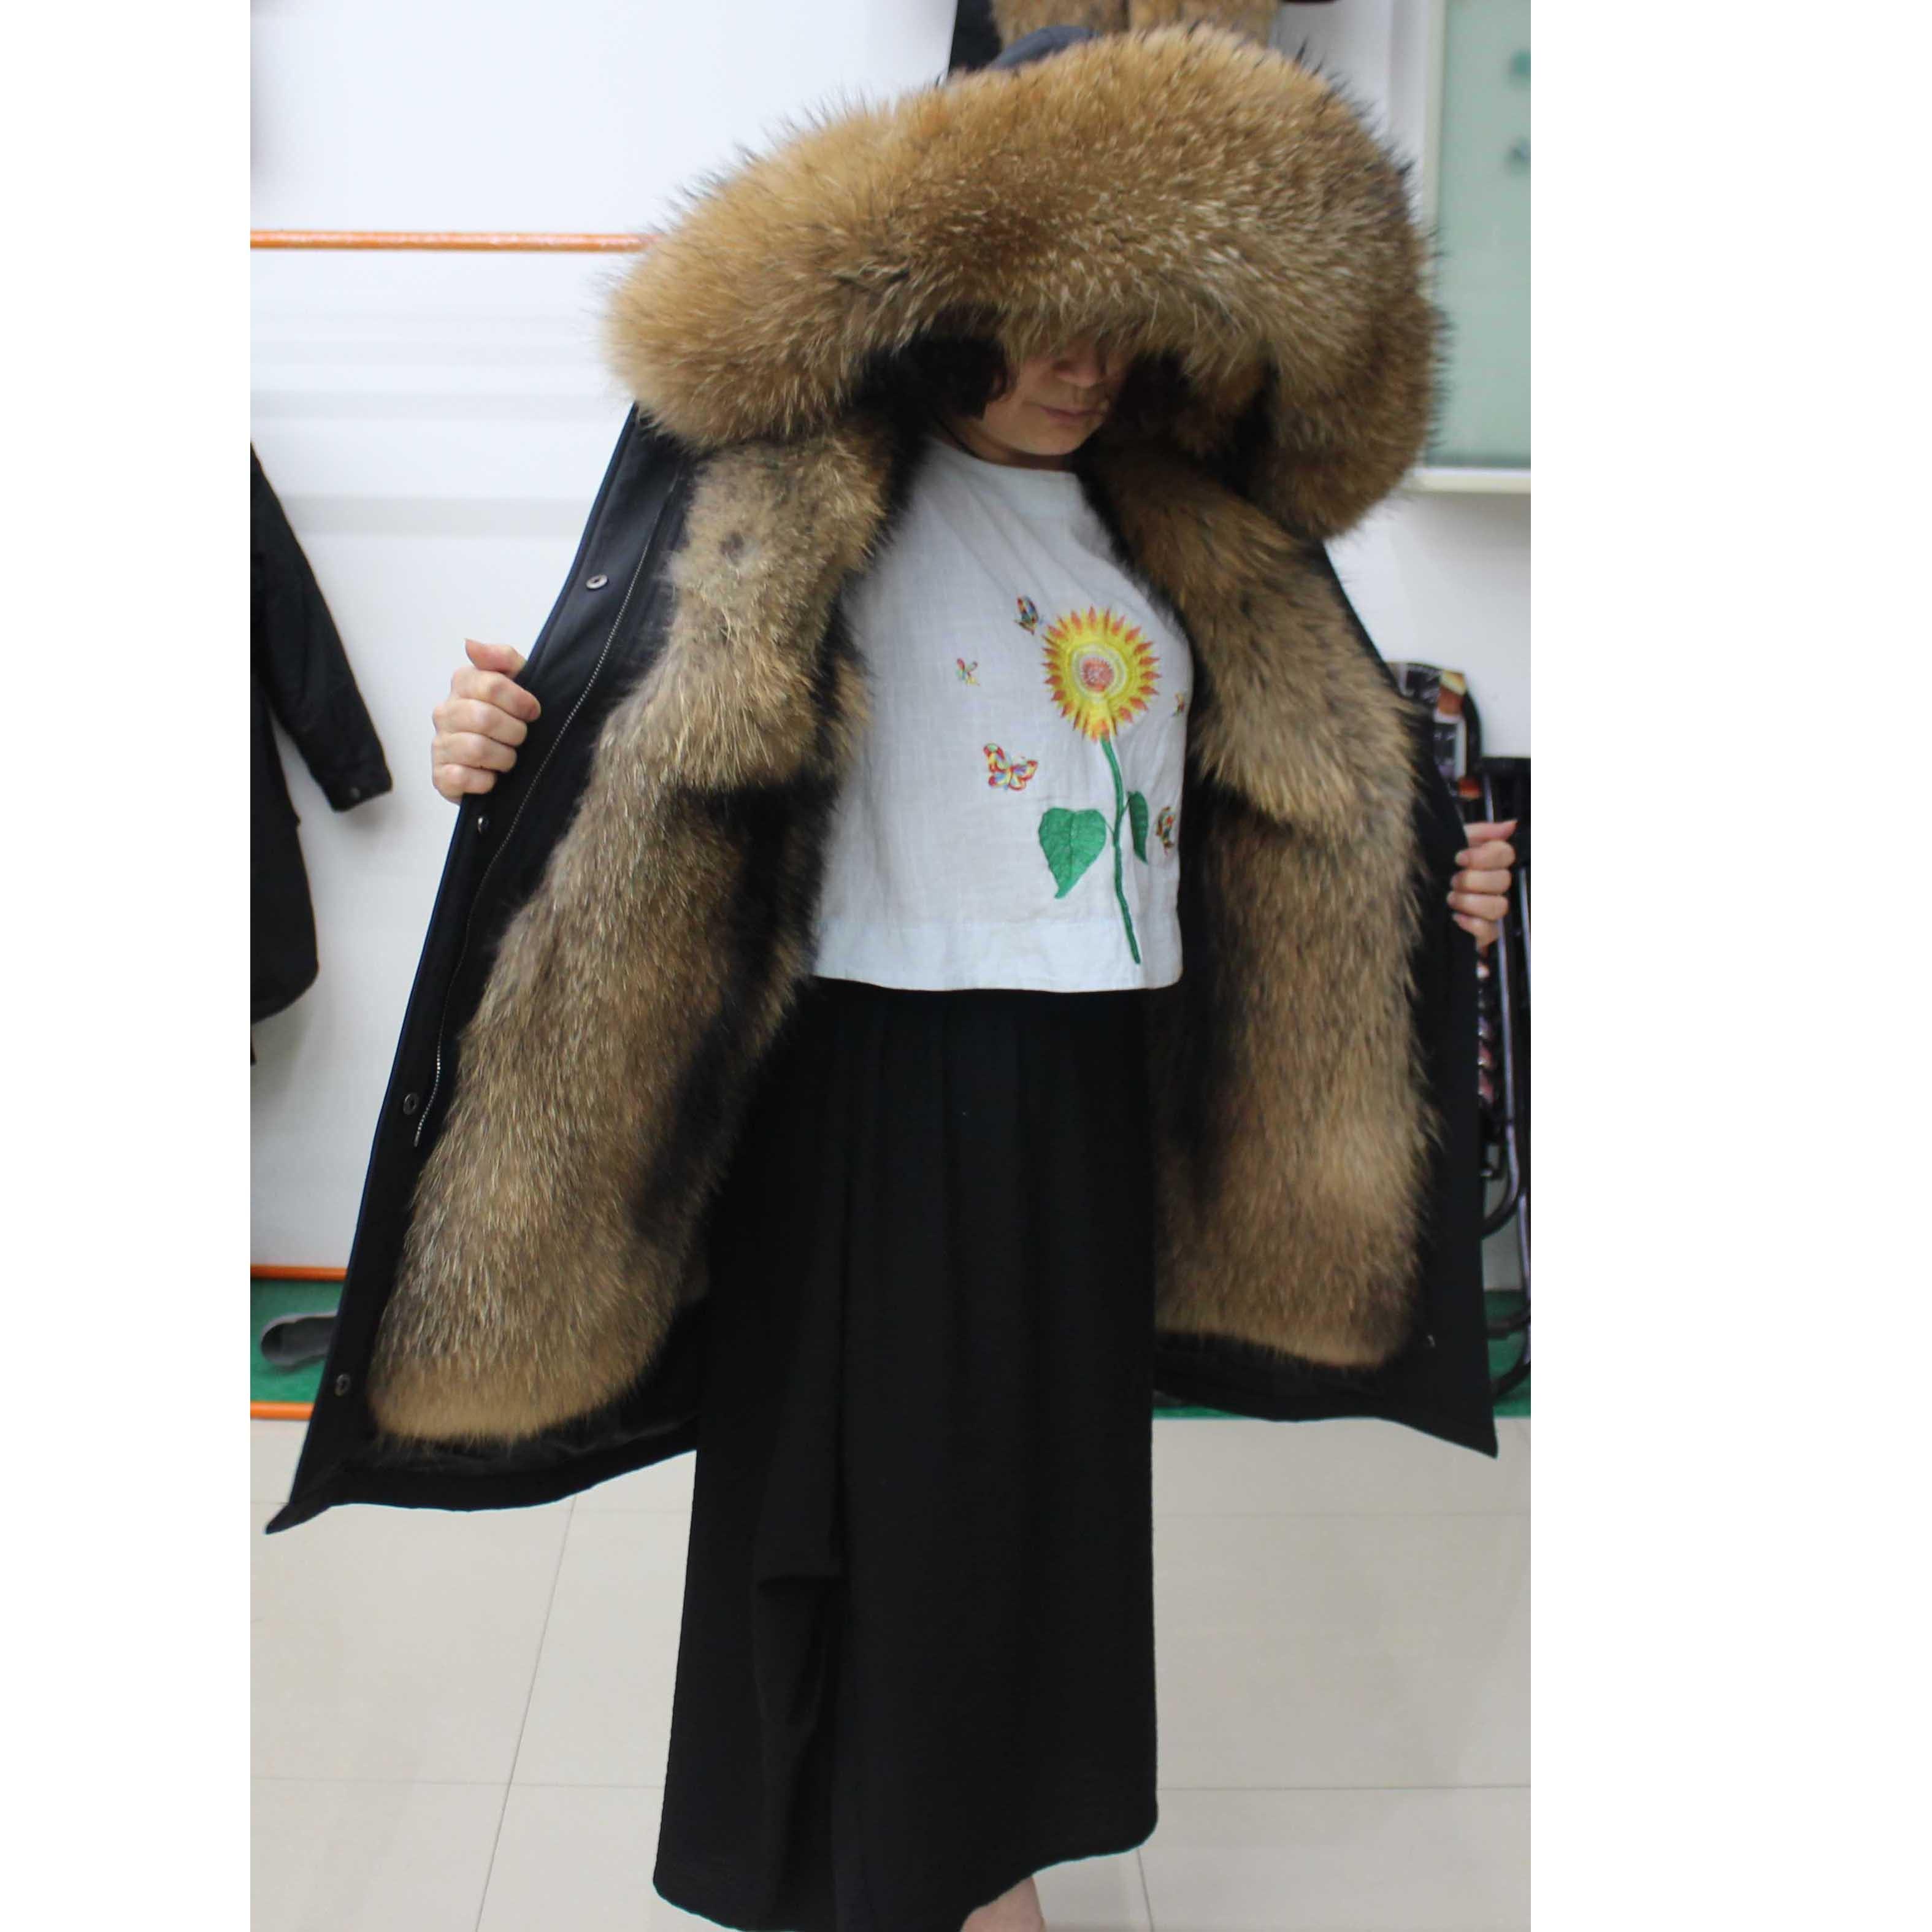 Linhaoshengyue Модный женский воротник из меха енота с капюшоном из меха енота Linink теплый